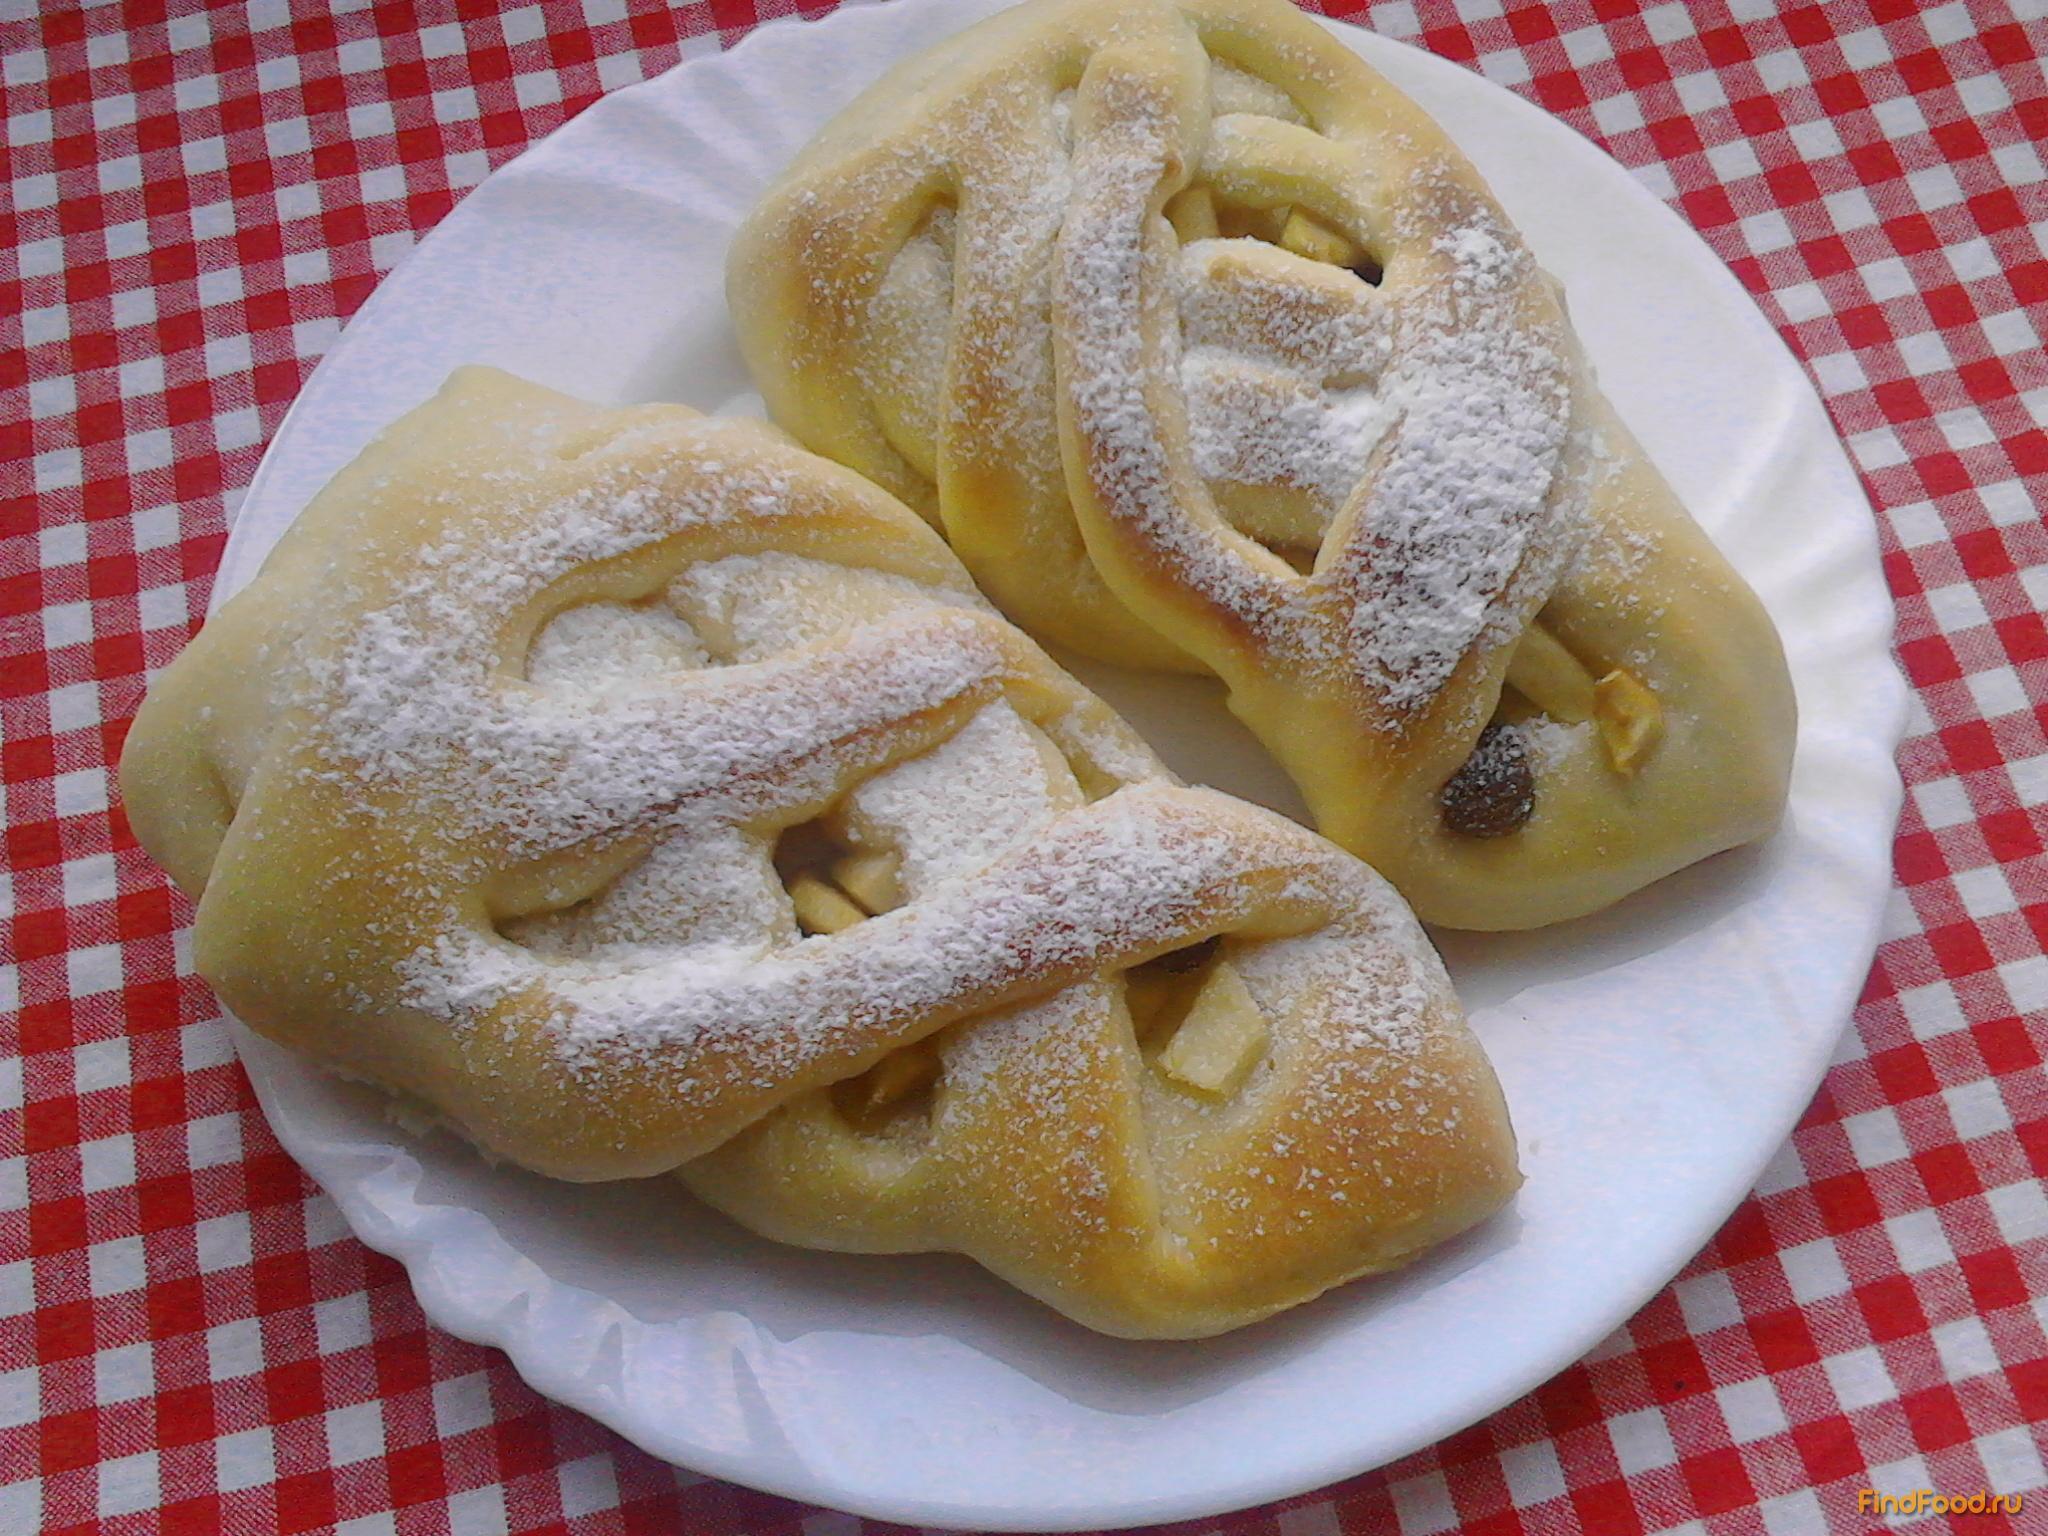 Картинки по запросу Сладкие пирожки с яблоками и курагой